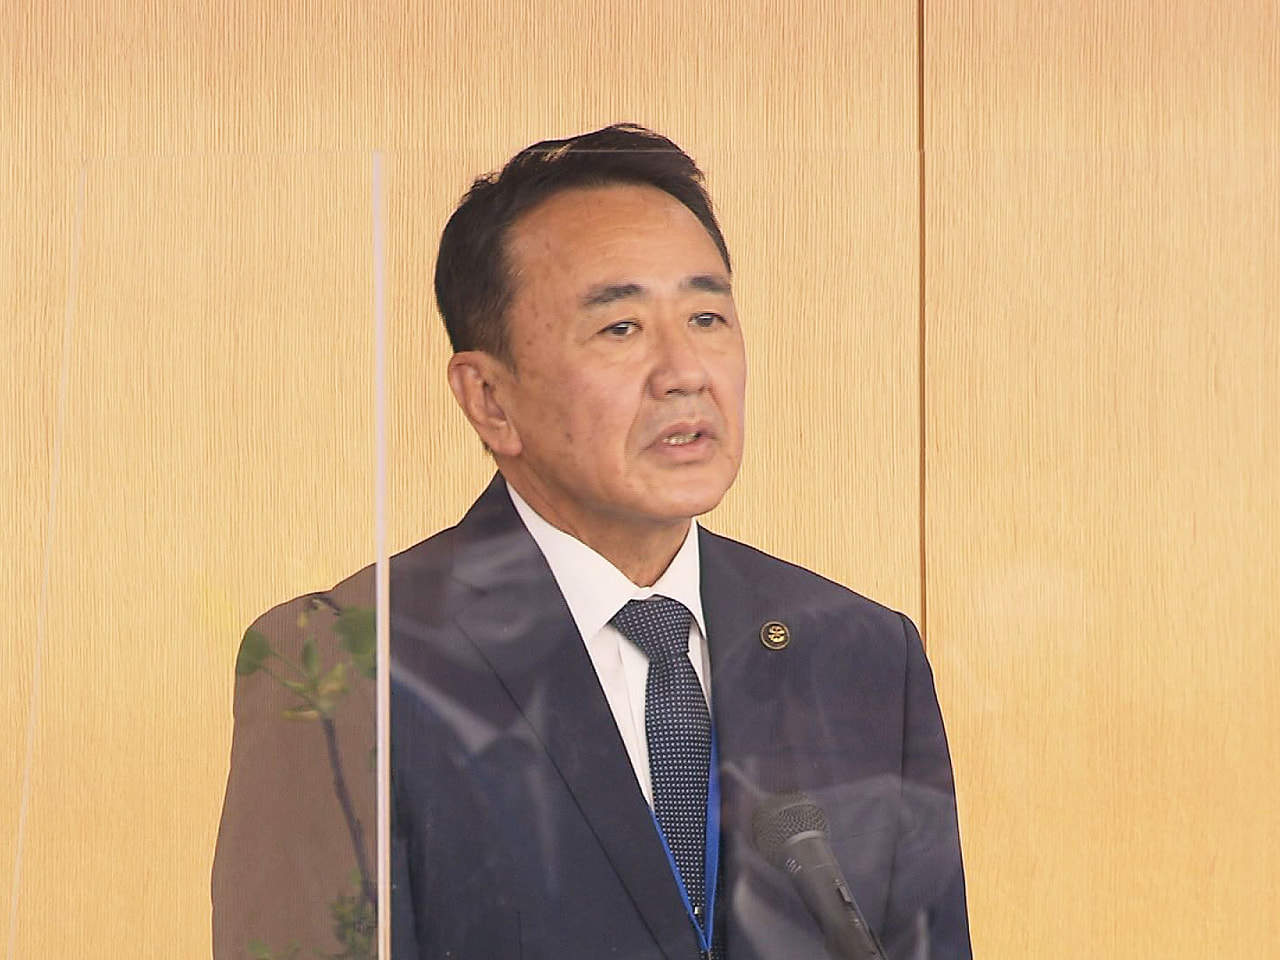 4月18日にあった岐阜県大垣市長選挙で当選した元市議会議長の石田仁さんが22日、...